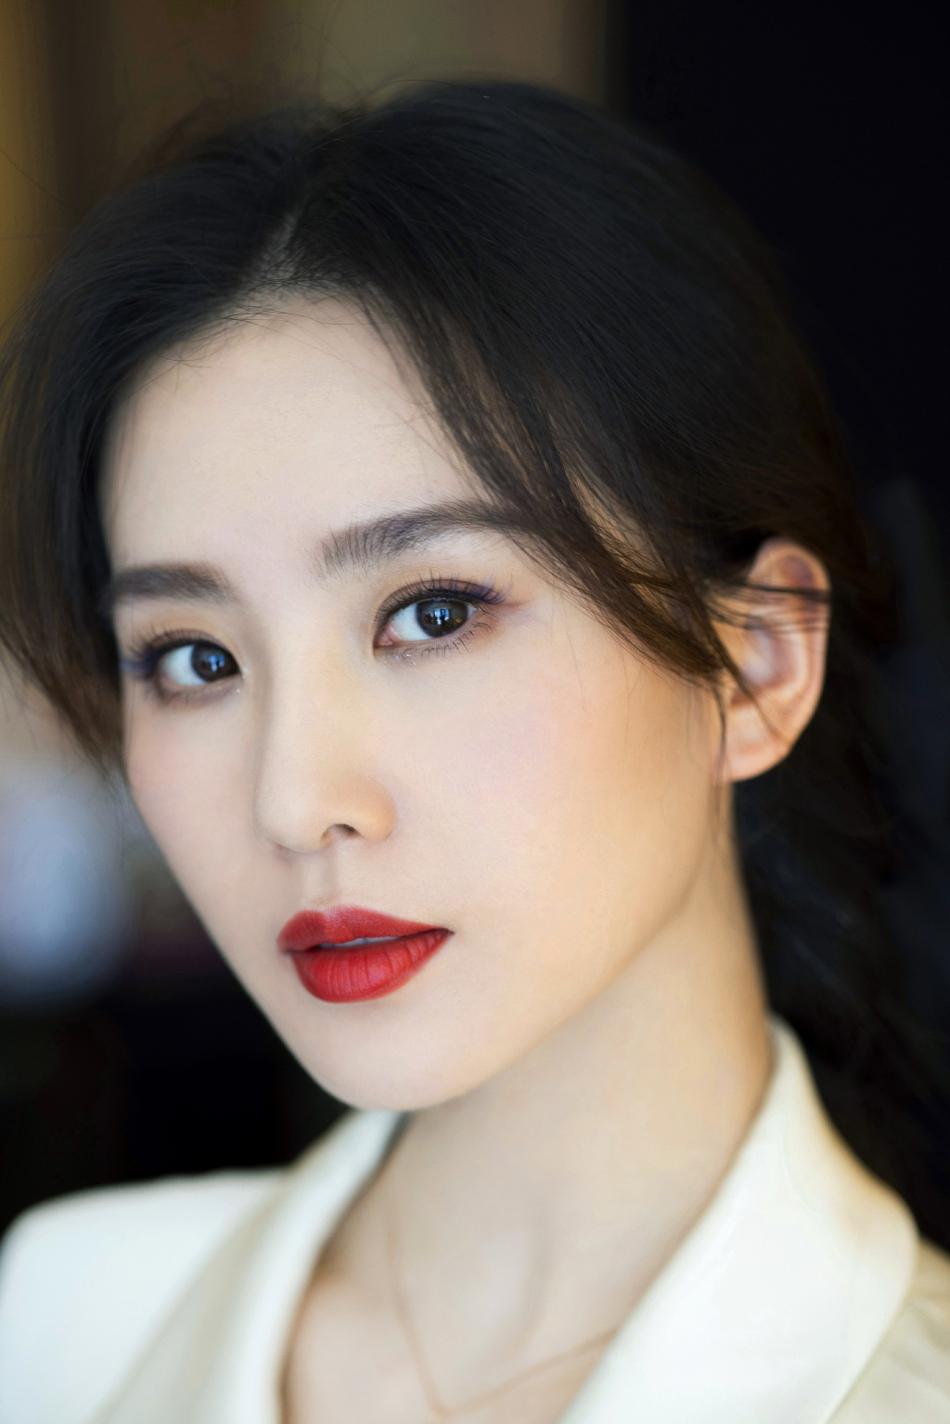 刘诗诗穿白色浴袍风连衣裙 怼脸拍皮肤白嫩状态佳